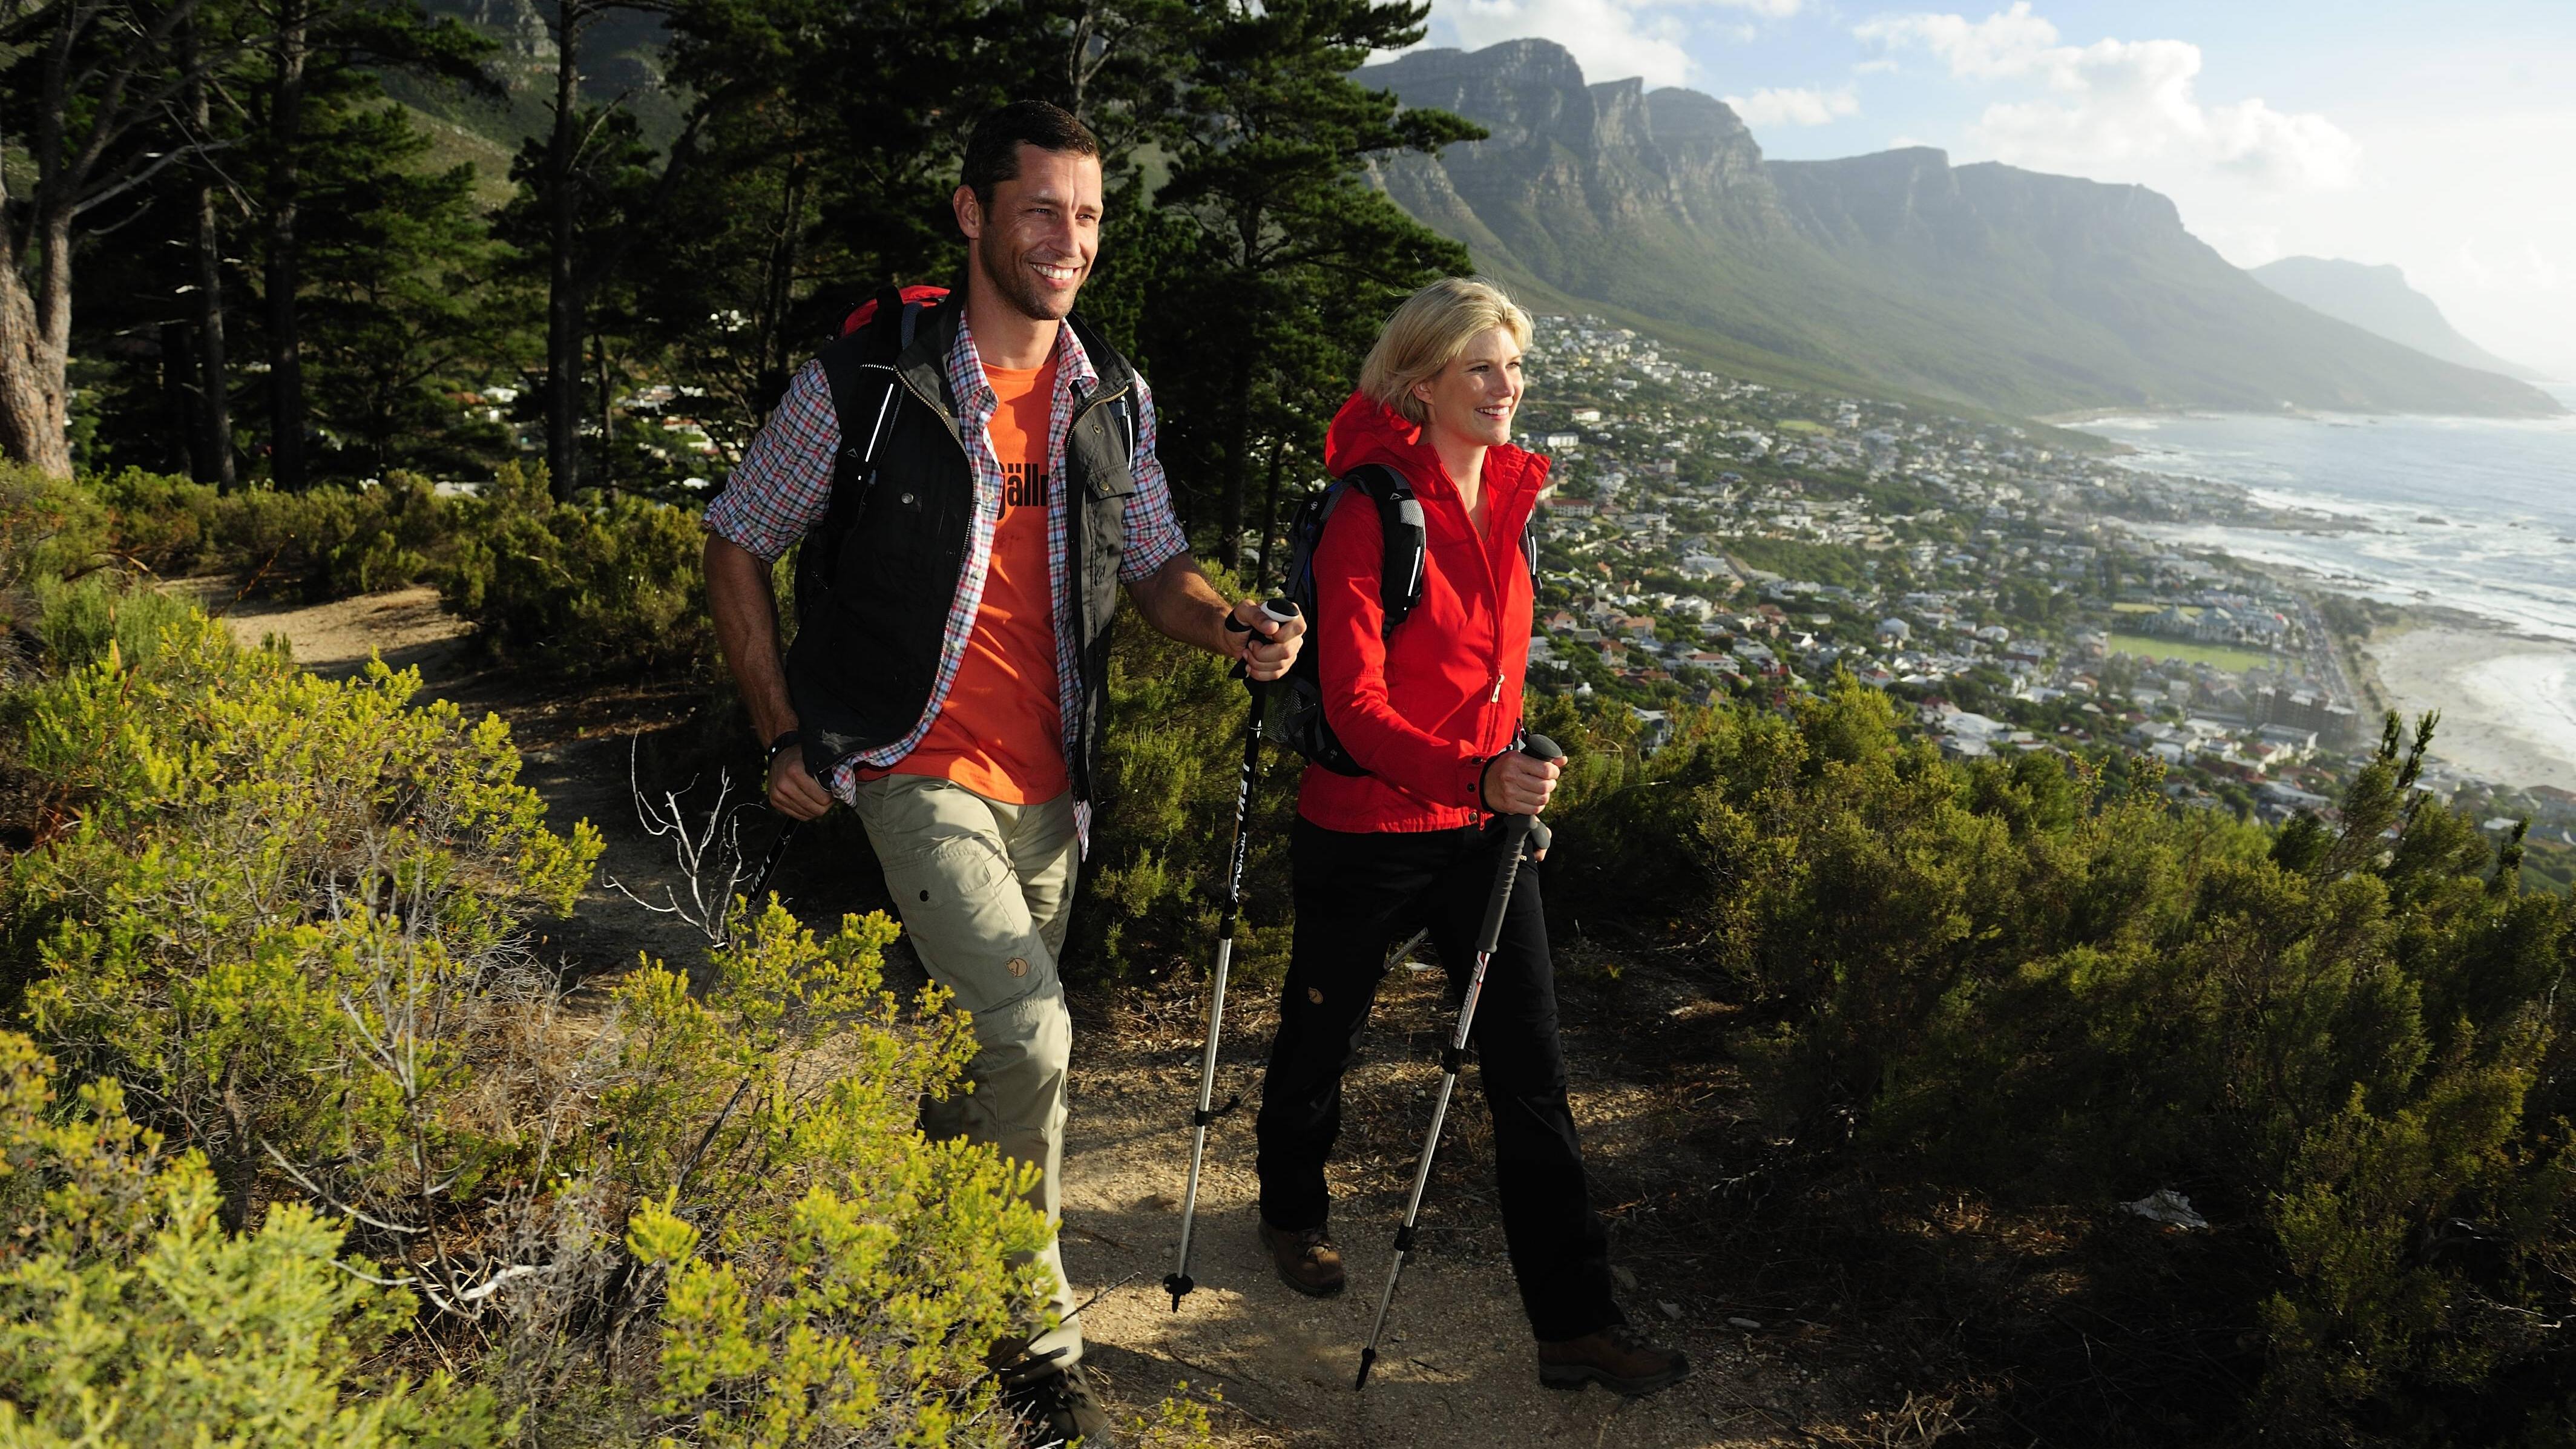 Hüftschmerzen nach dem Wandern: Ursachen und was Sie tun können